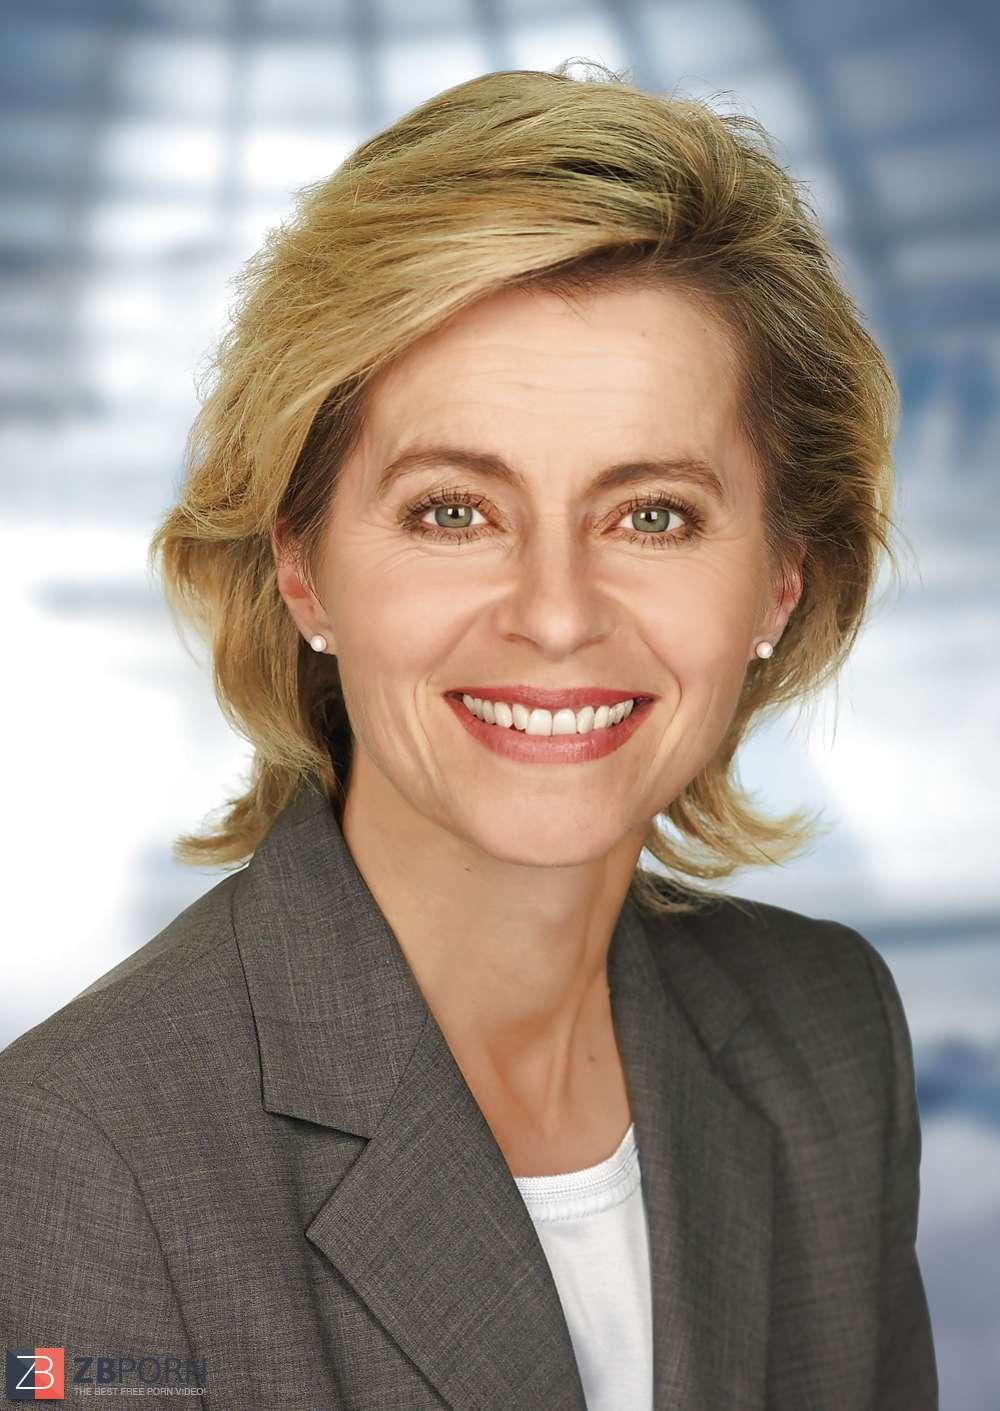 Ursula von der Leyen - CDU-MUMMY / ZB Porn